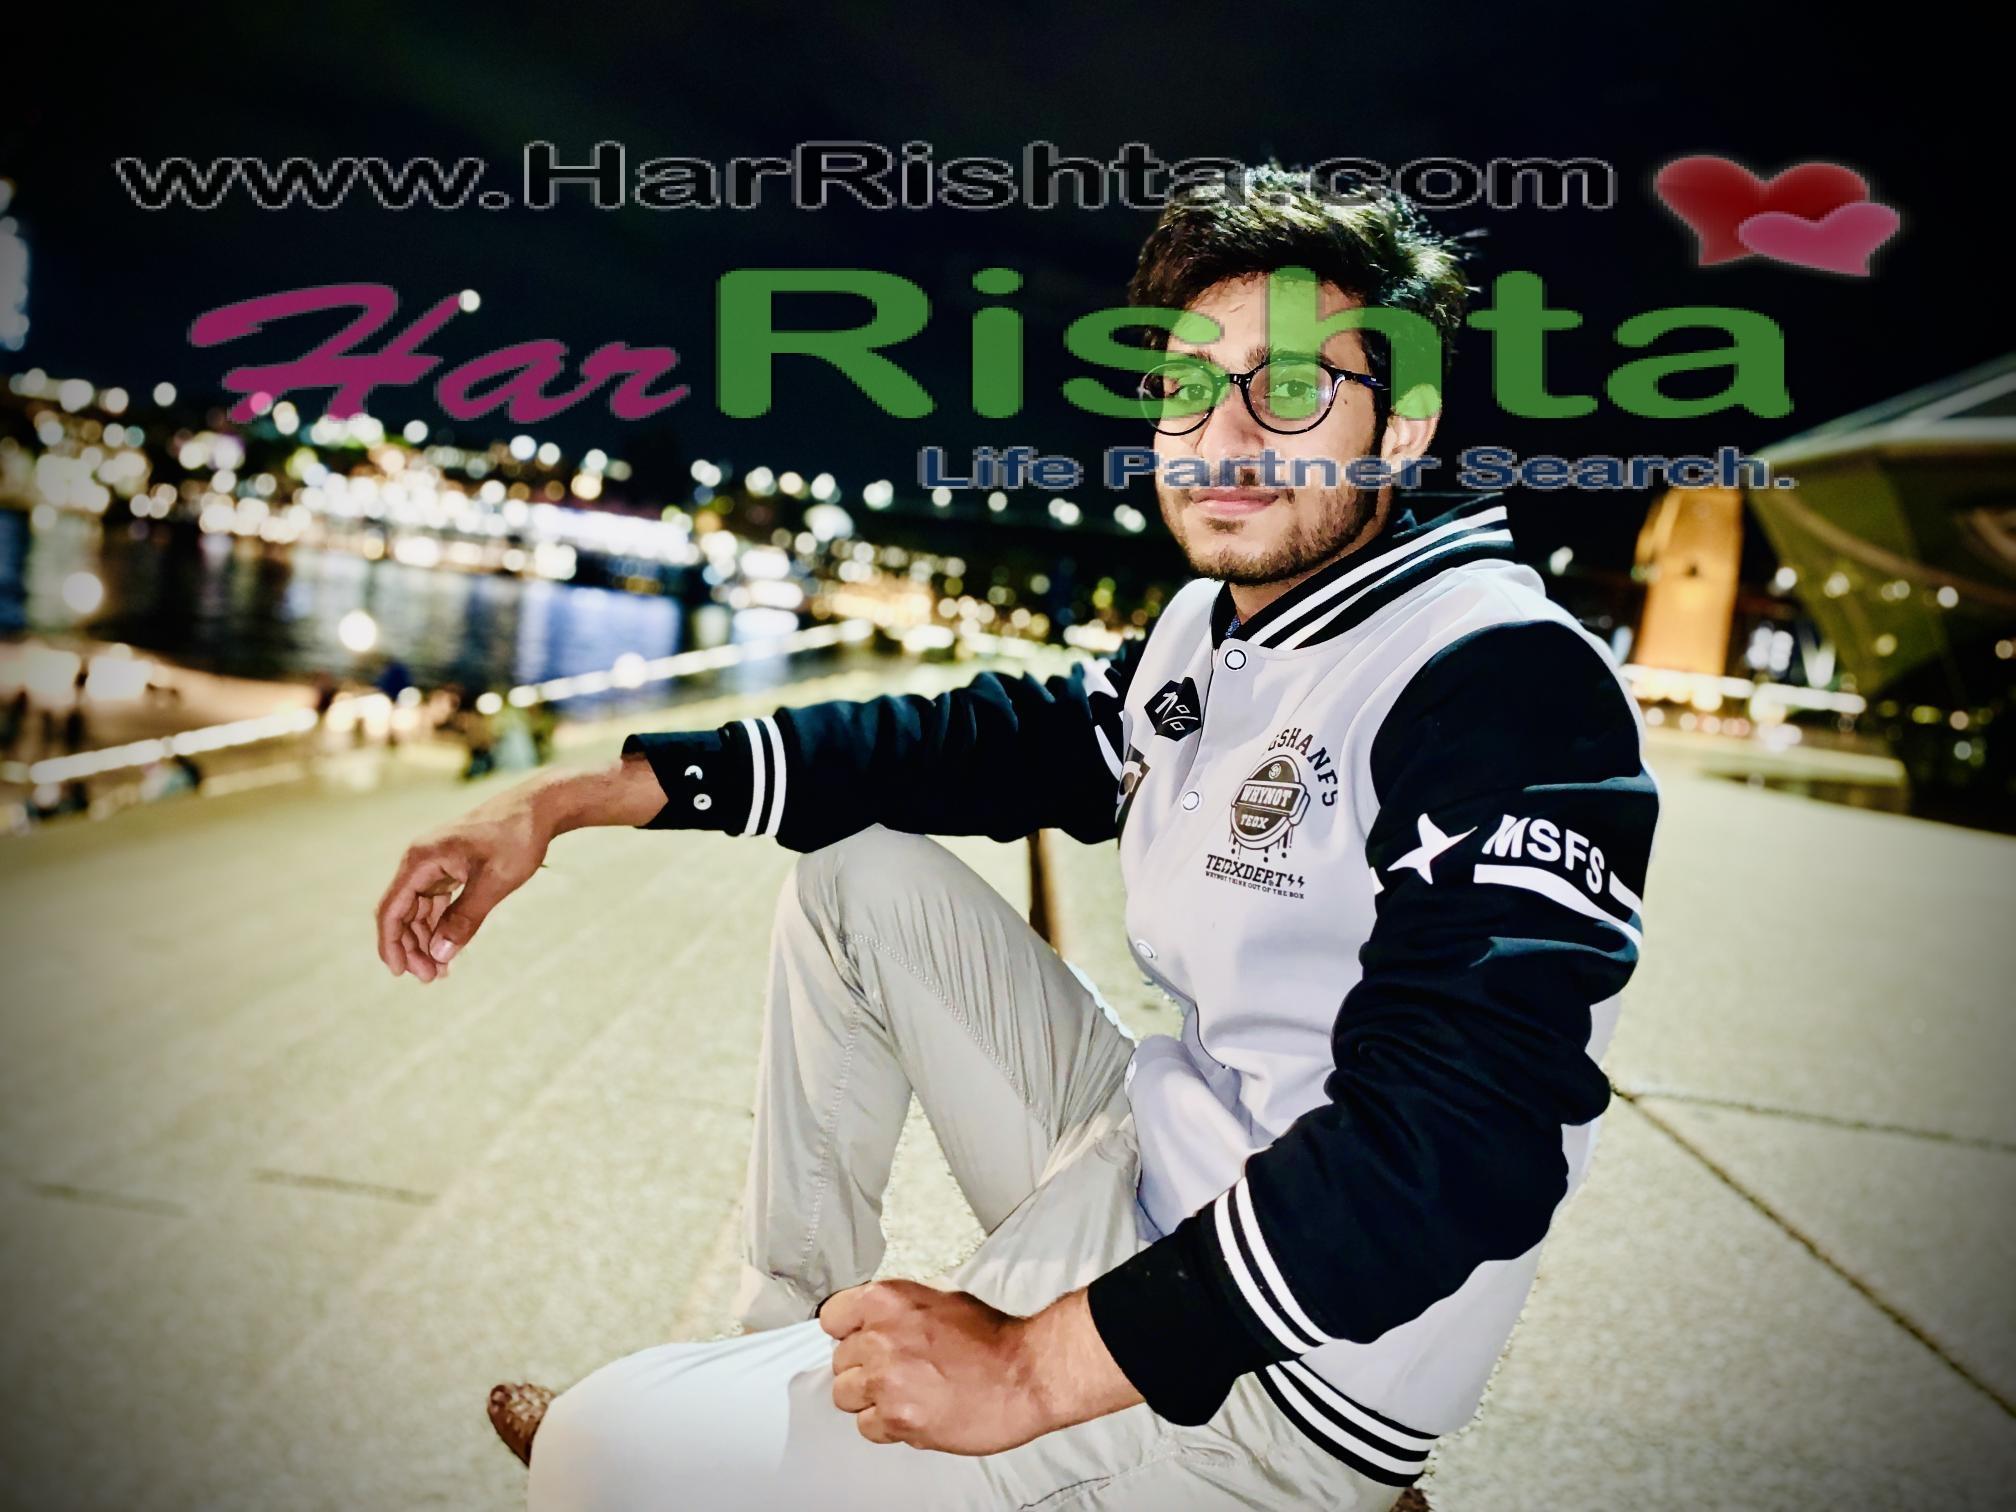 Jat Boy Rishta in Faisalabad